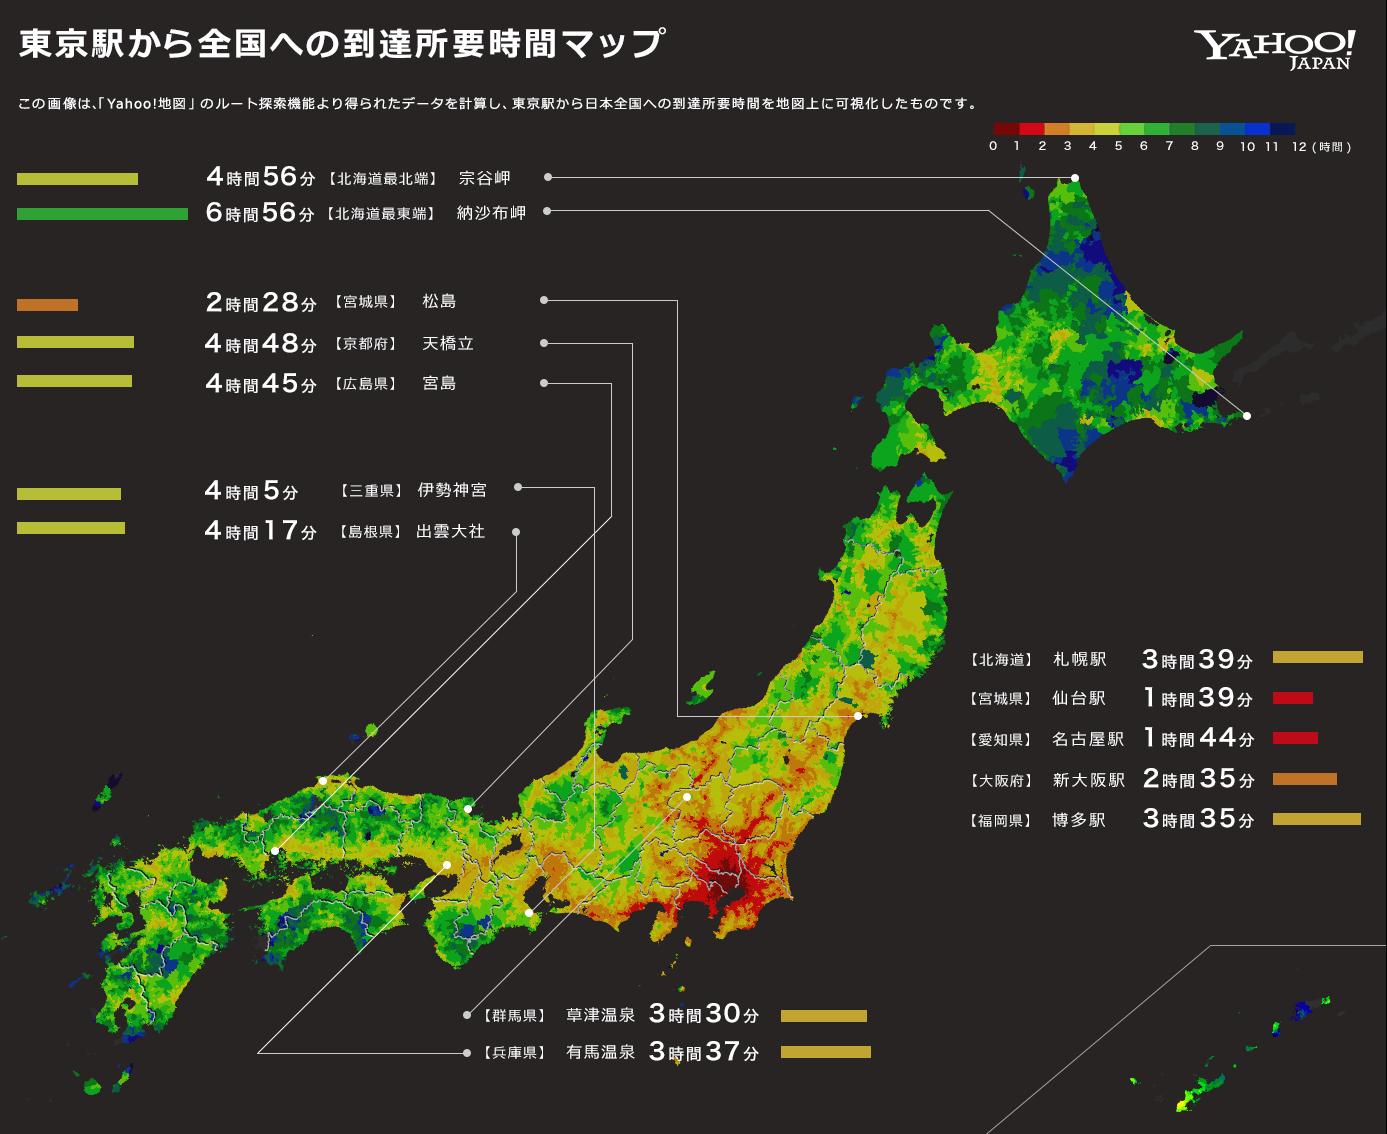 ヤフー、ビッグデータ活用の「所要時間マップ」公開、「もしもリニア中央新幹線が開通したら」などシミュレーション